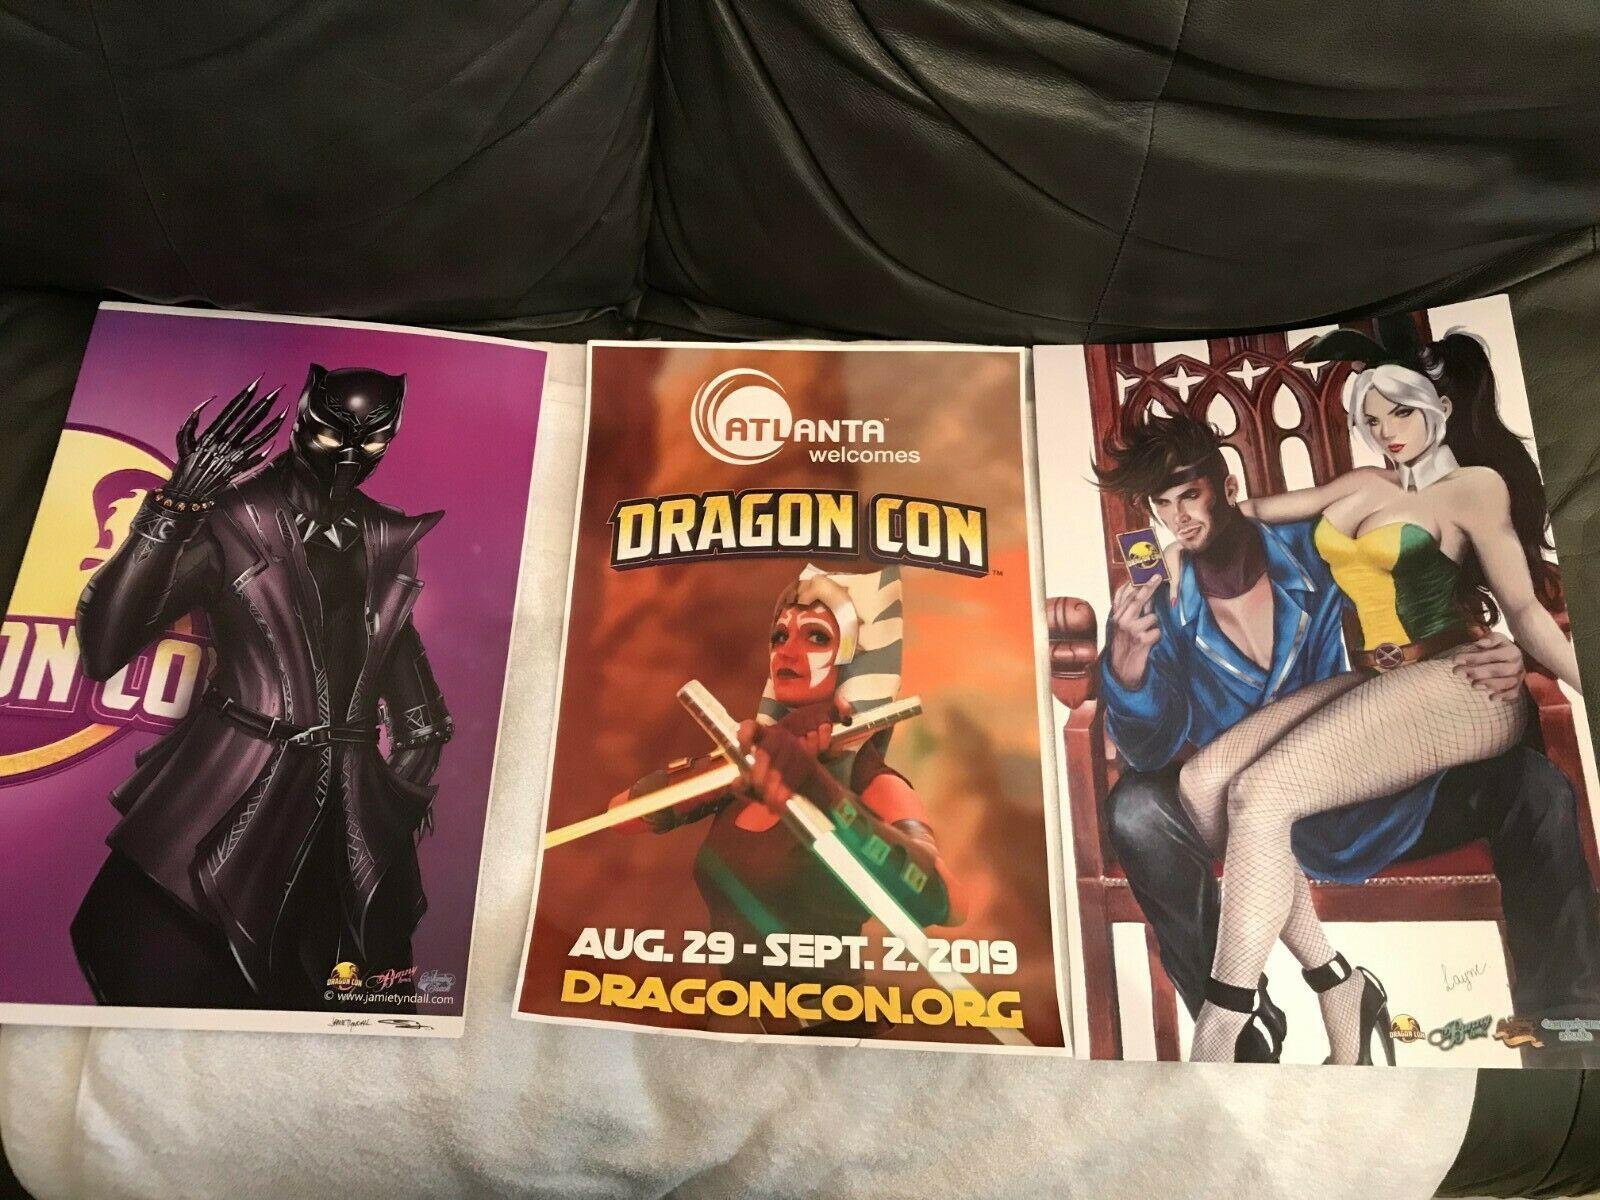 Dragon Con 2019 memorabilia collectible posters 3 in all plus a room key